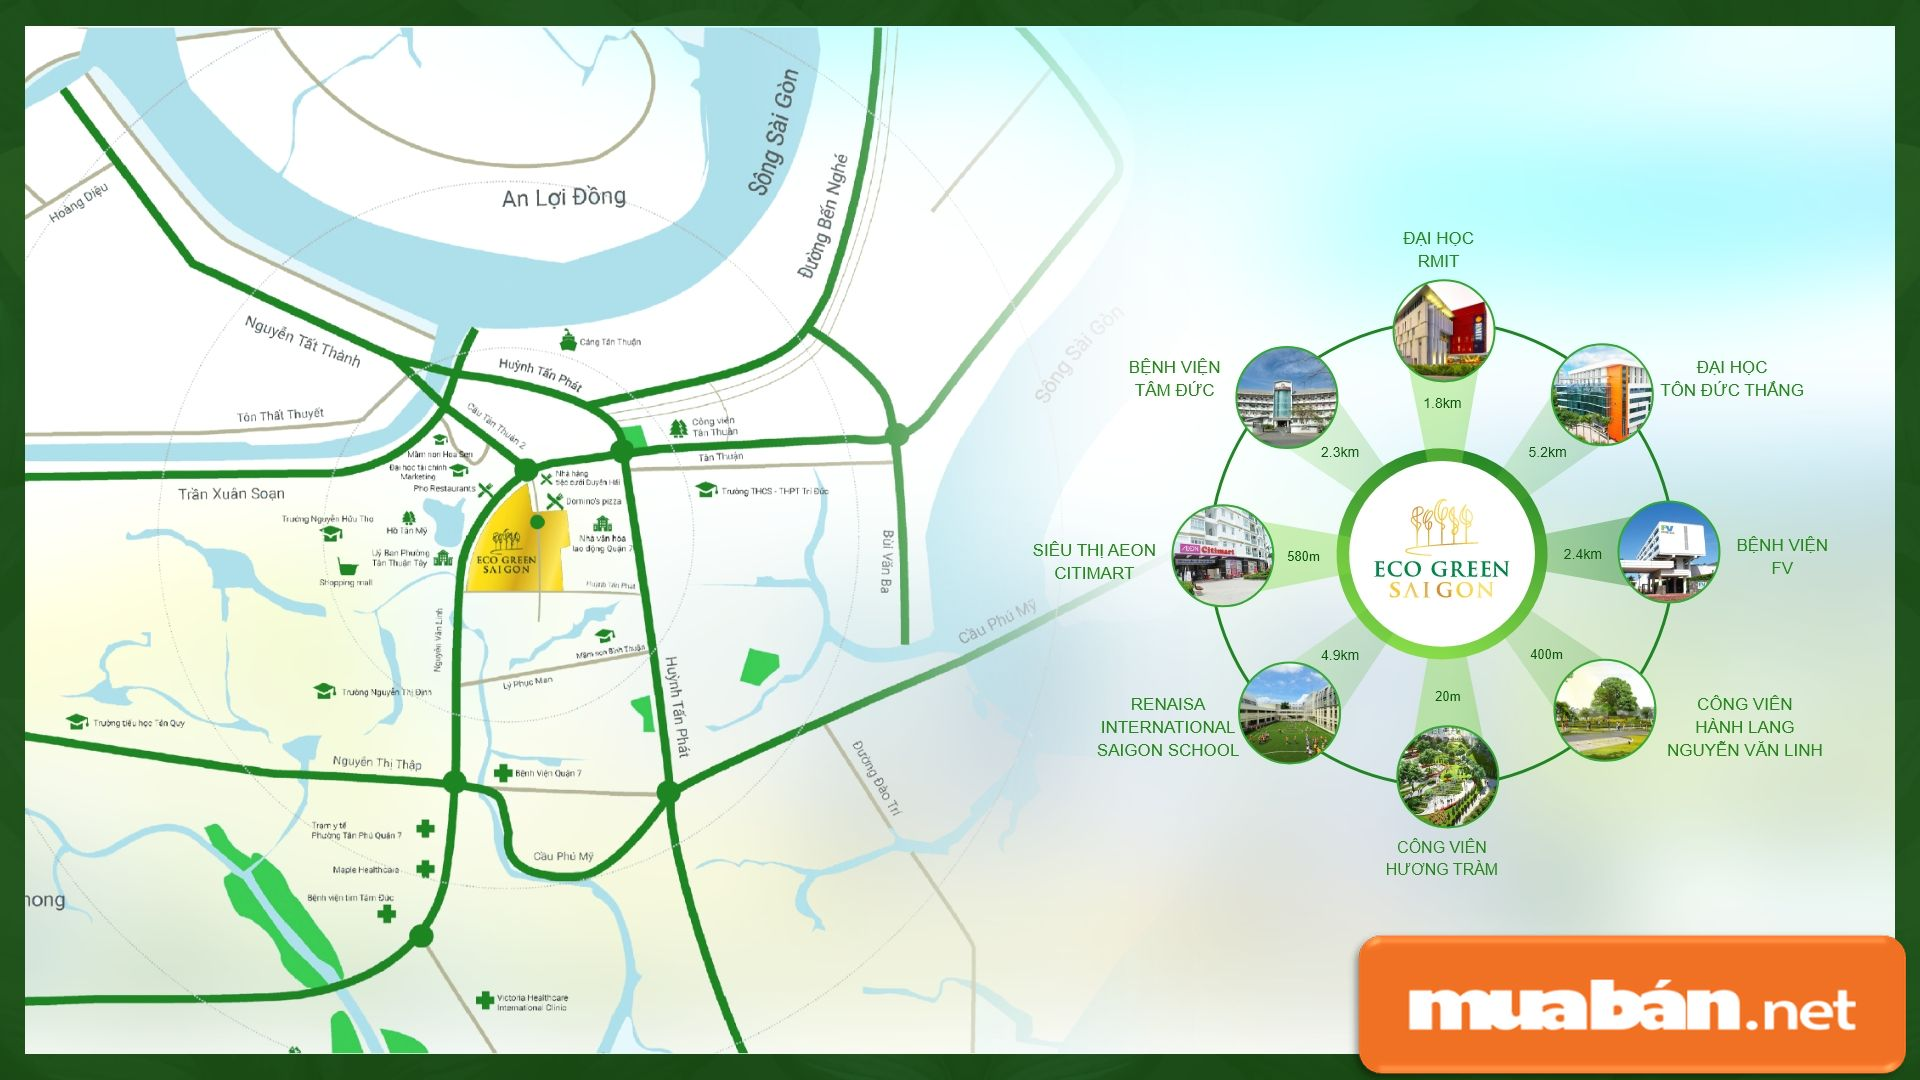 Từ vị trí dự án rất dễ dàng di chuyển đến các quận, khu vực lân cận như quận 1, 4, 5...